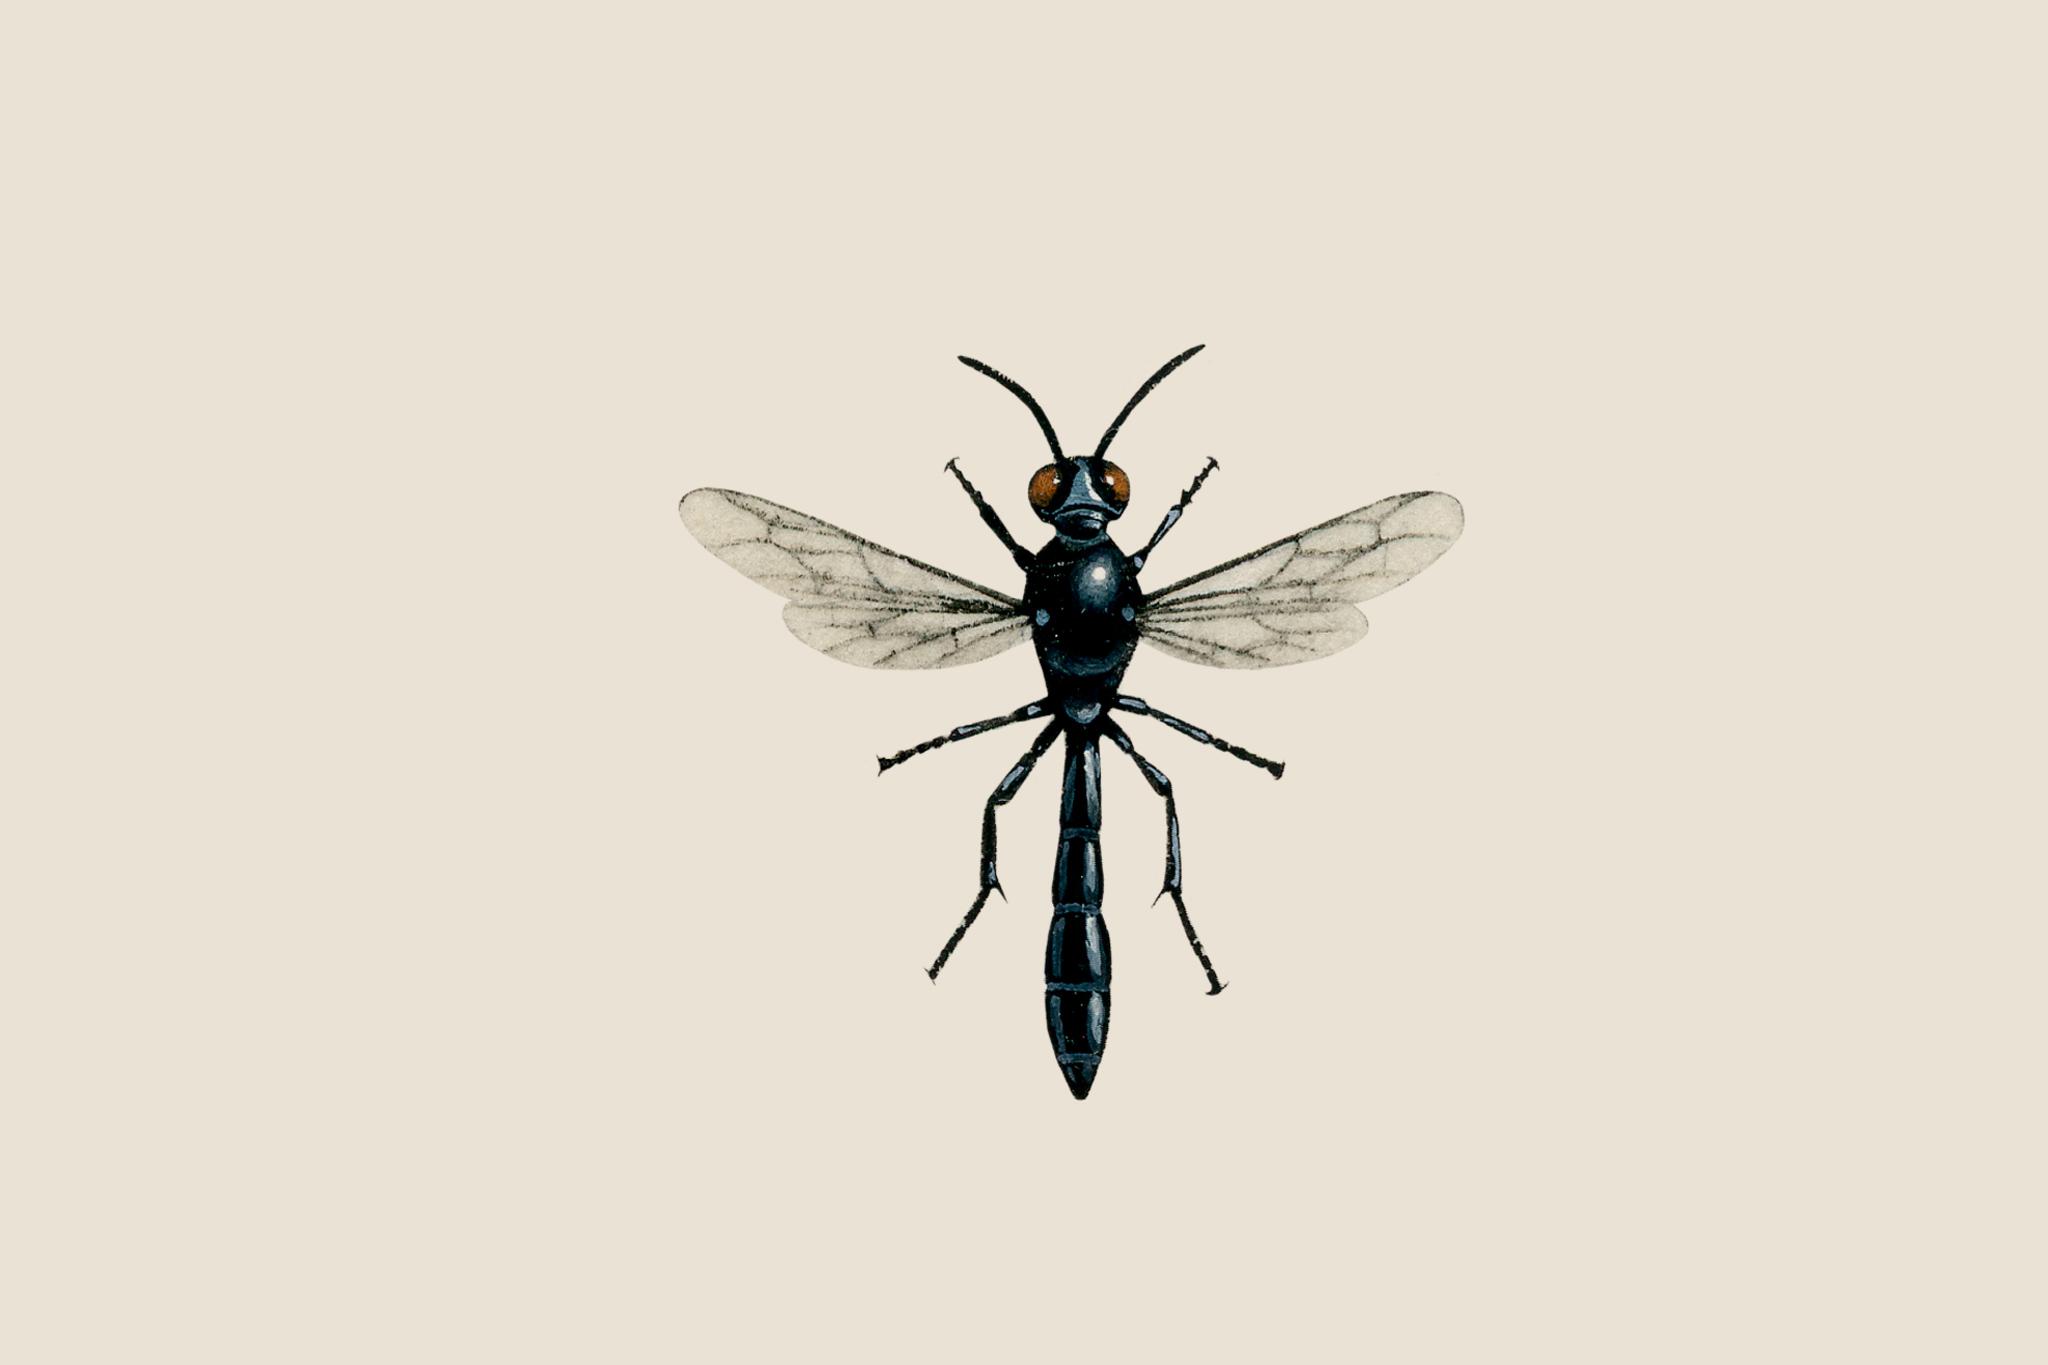 bramble-wasp-trypoxylon-figulus-2